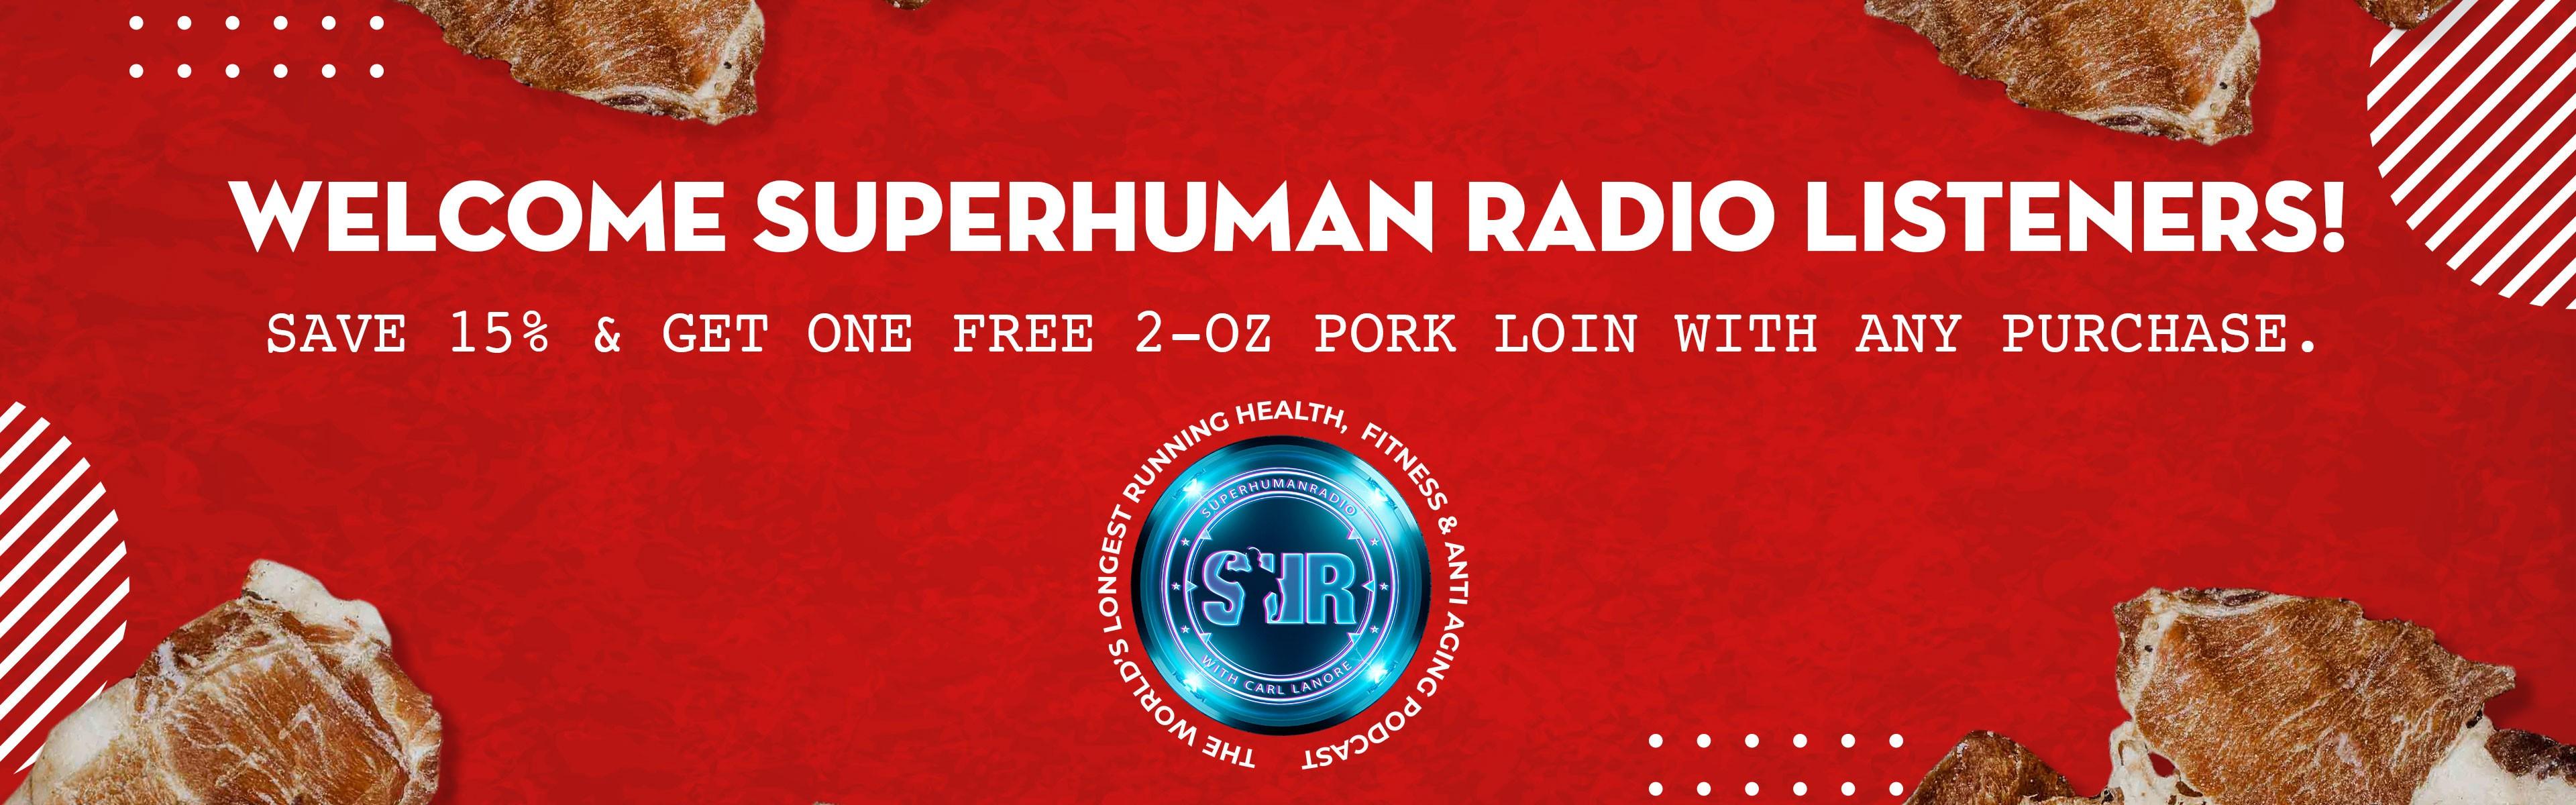 Welcome Superhuman Radio Listeners!